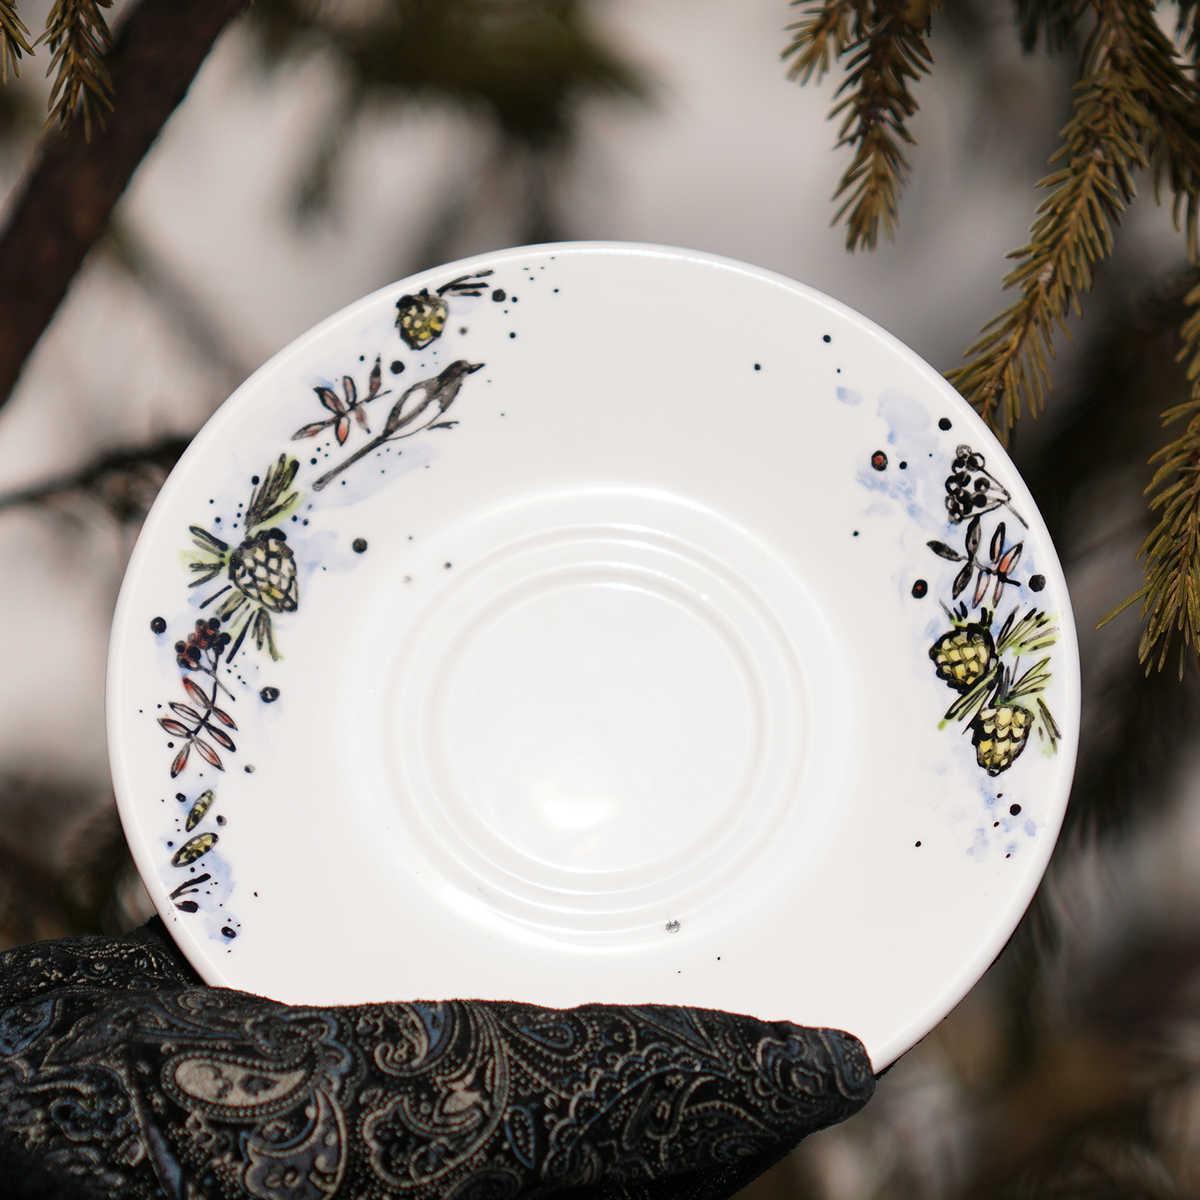 Blyudce forfor 2 300x300 - Самые интересные подарки из Сибири: где их искать?